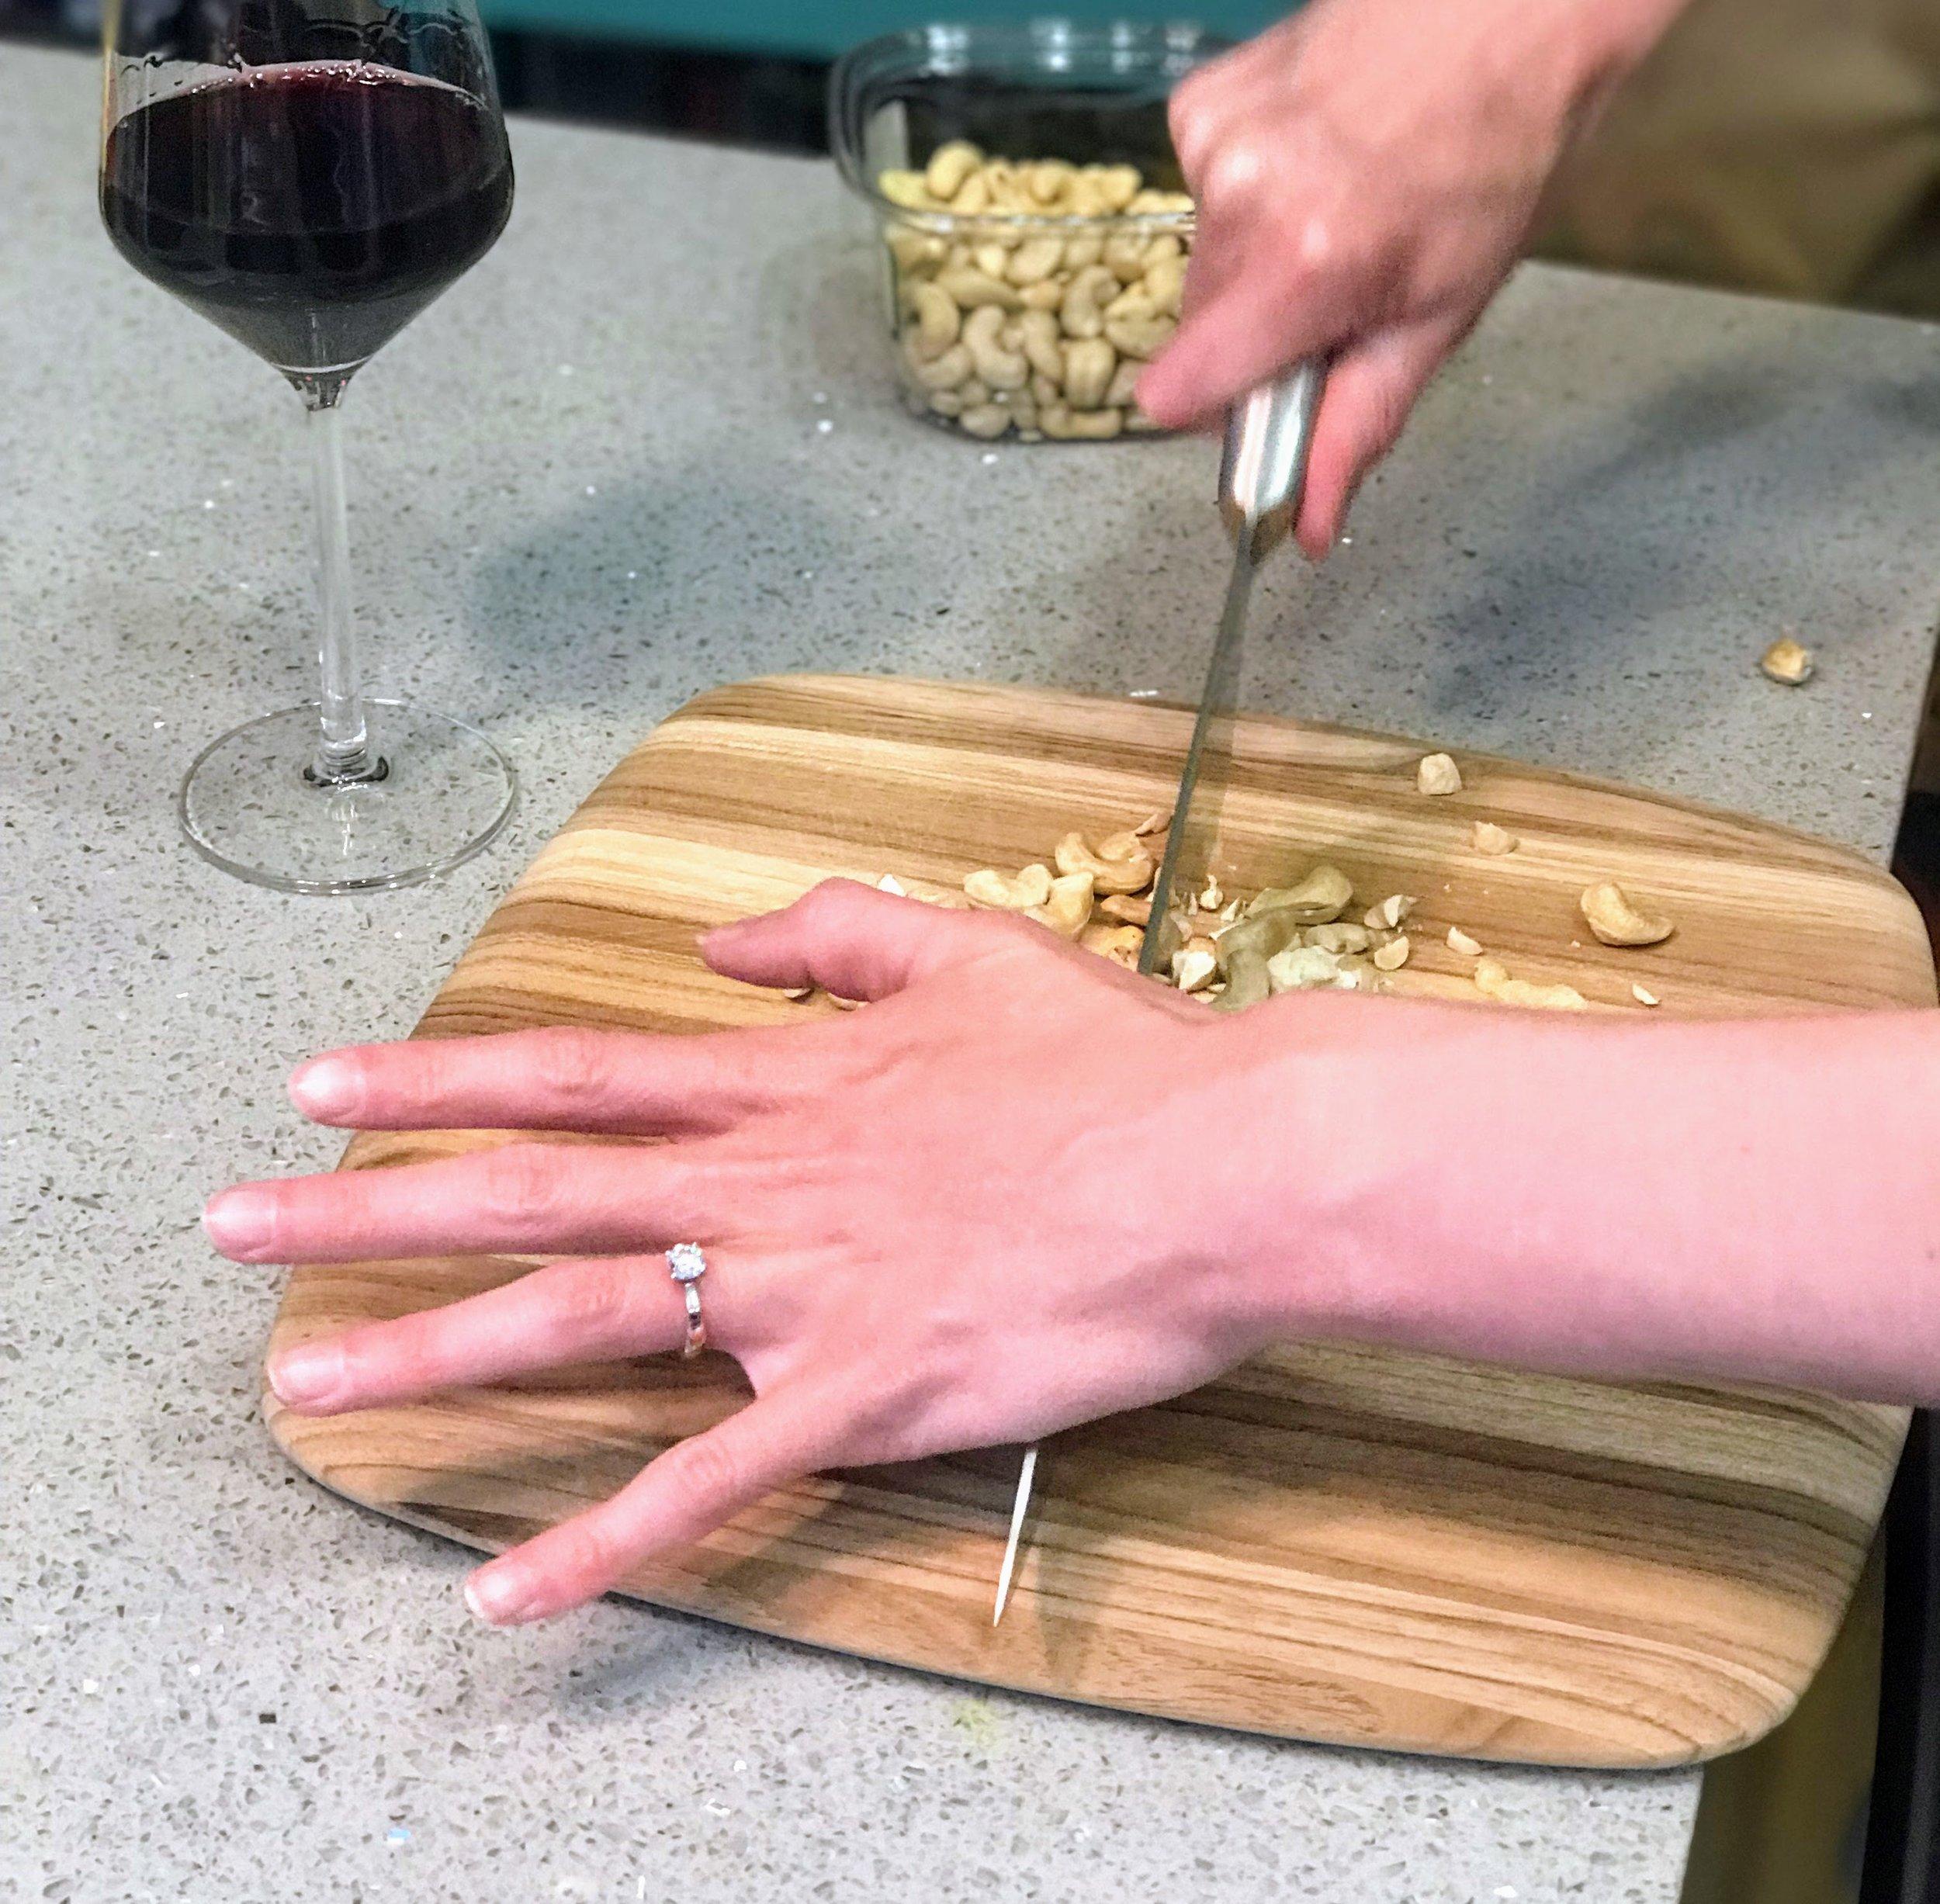 bonda chopping nuts.jpg